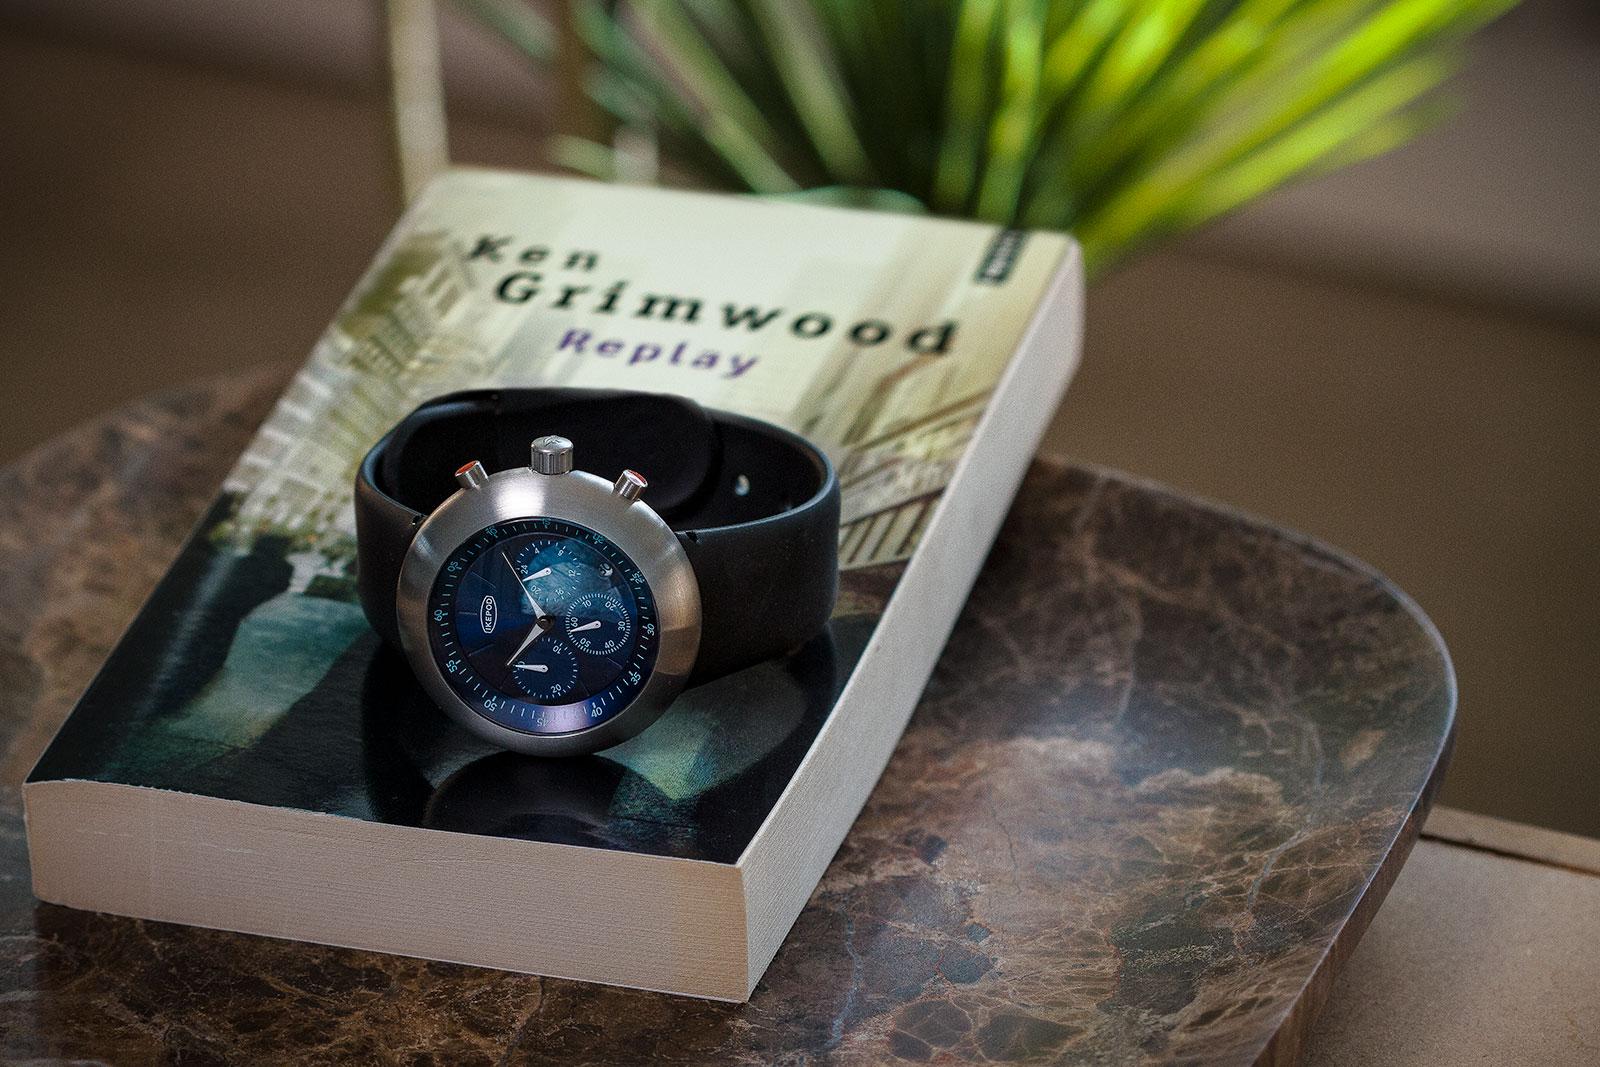 Ikepod Chronopod blue